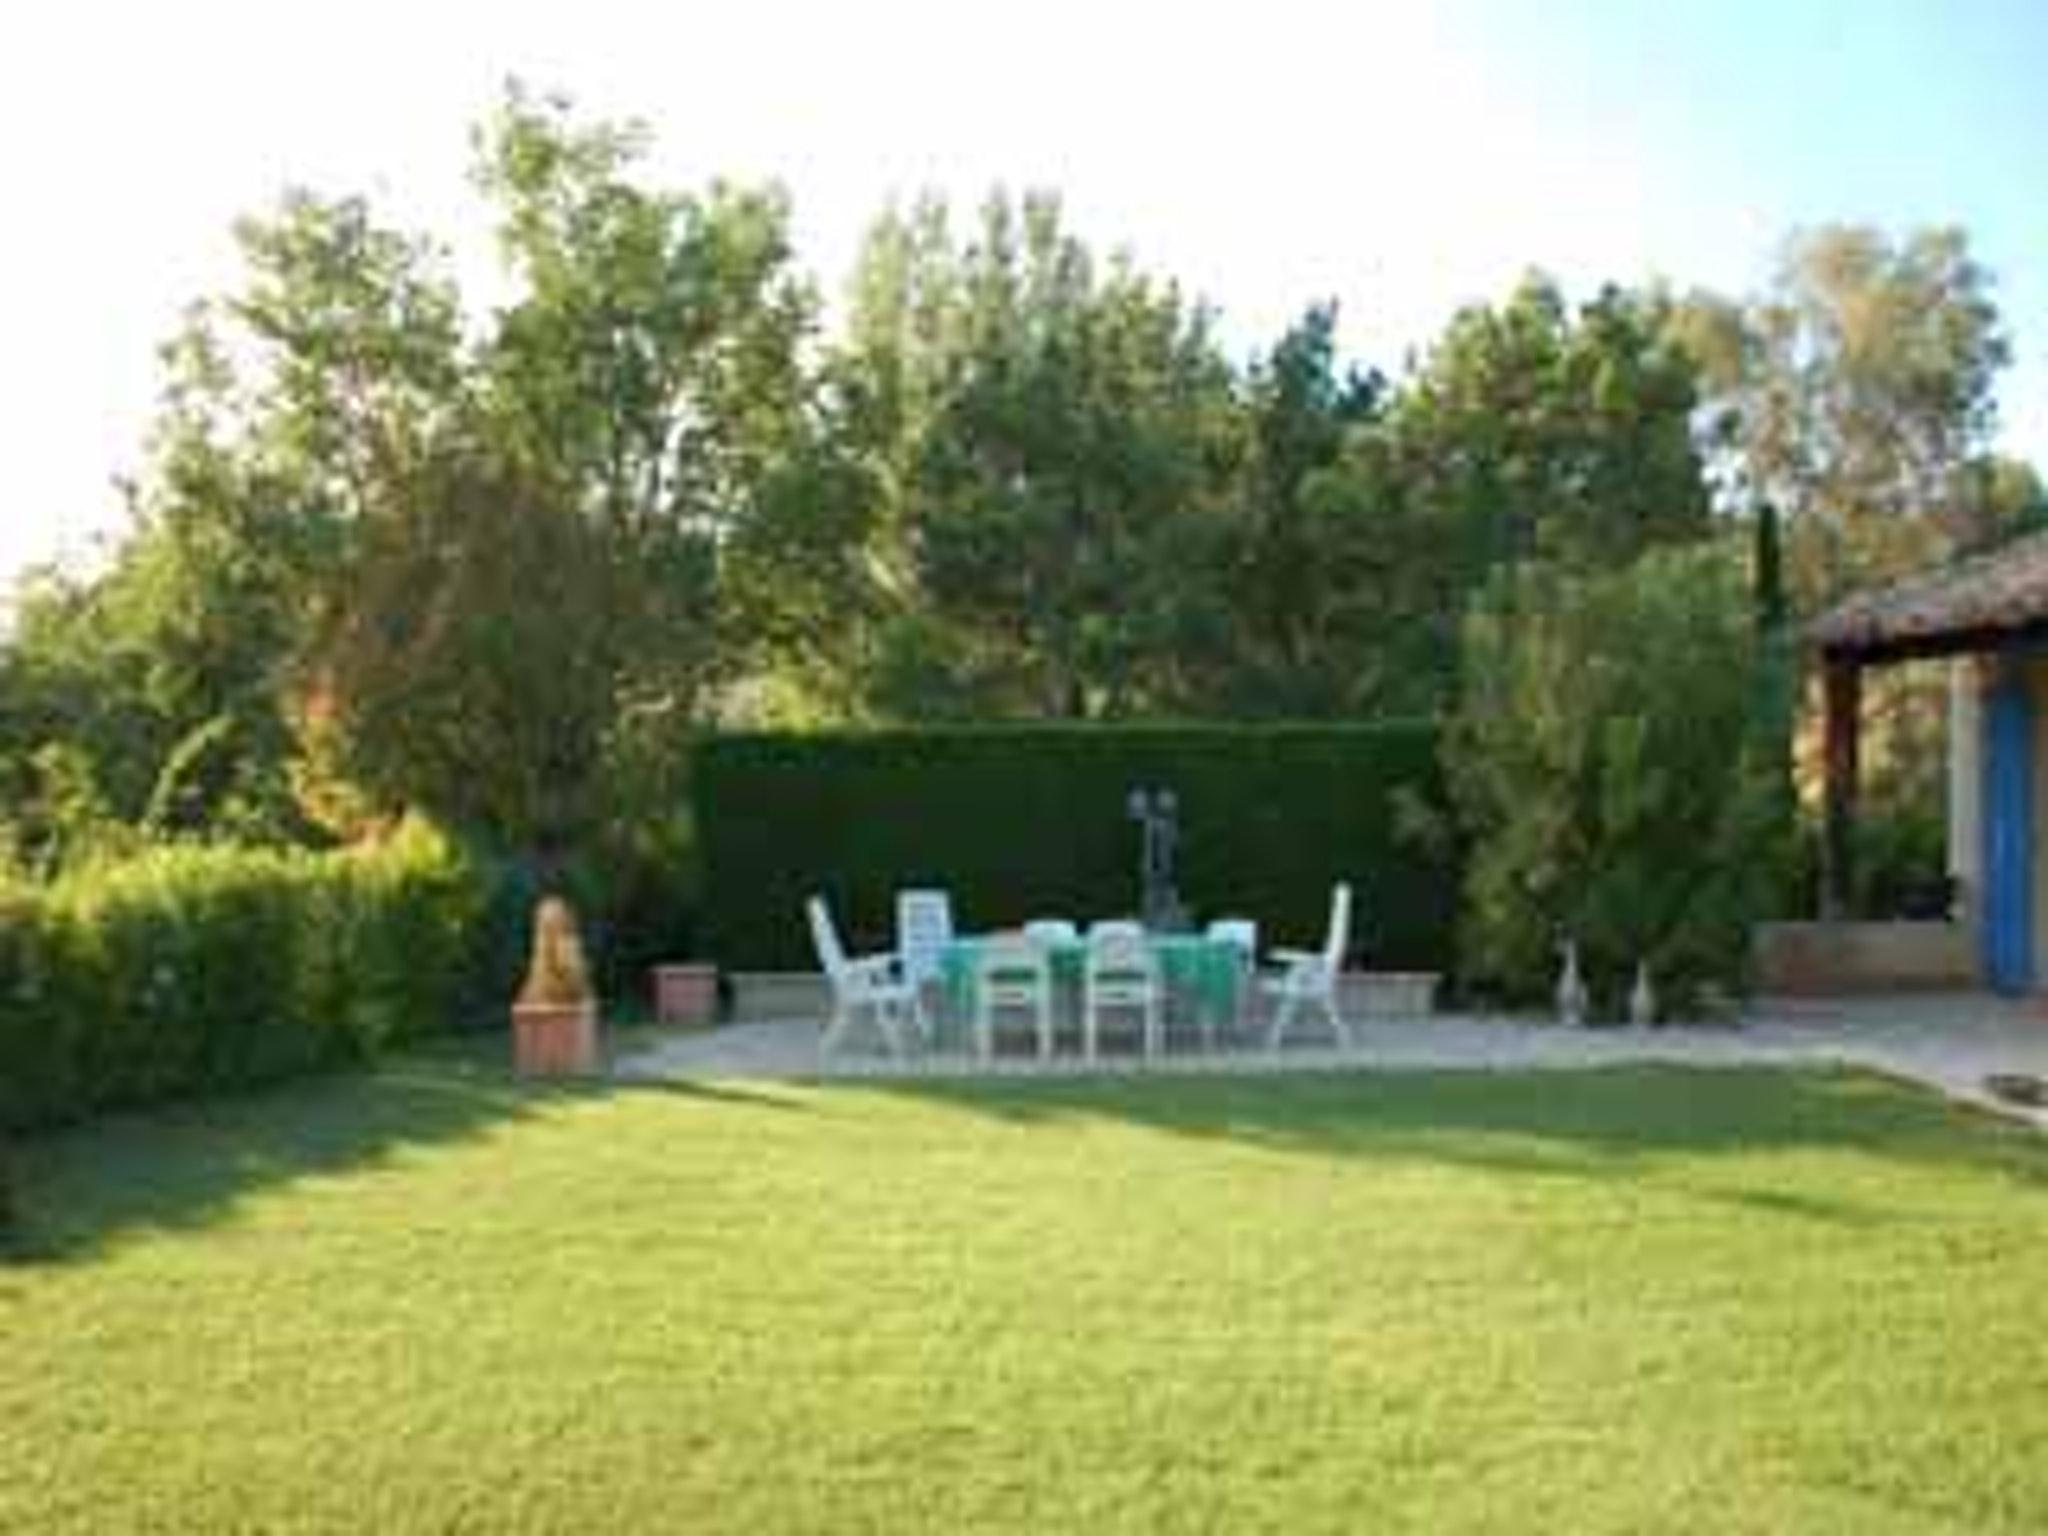 Ferienhaus Villa mit 4 Schlafzimmern in Pernes-les-Fontaines mit toller Aussicht auf die Berge, priva (2519446), Pernes les Fontaines, Saône-et-Loire, Burgund, Frankreich, Bild 22